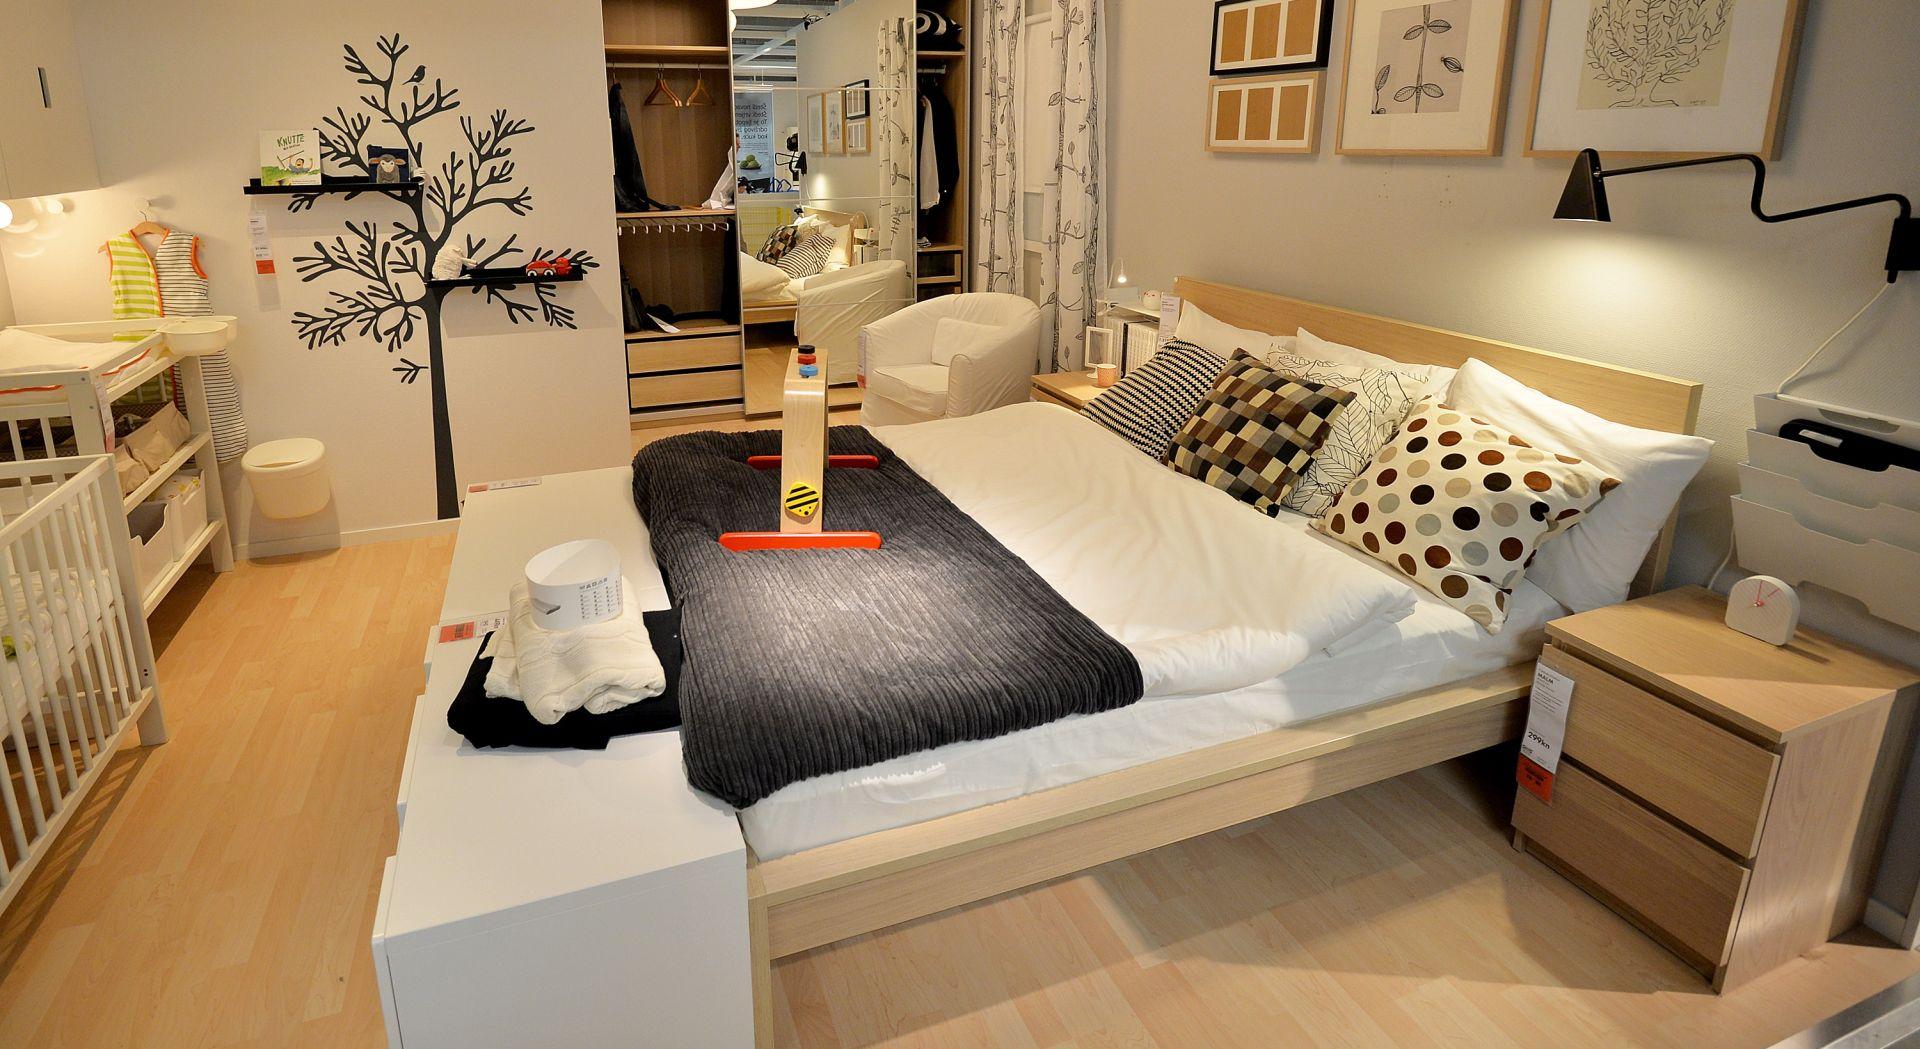 IKEA Iz Sj. Amerike se povlači 27 milijuna komoda Malm